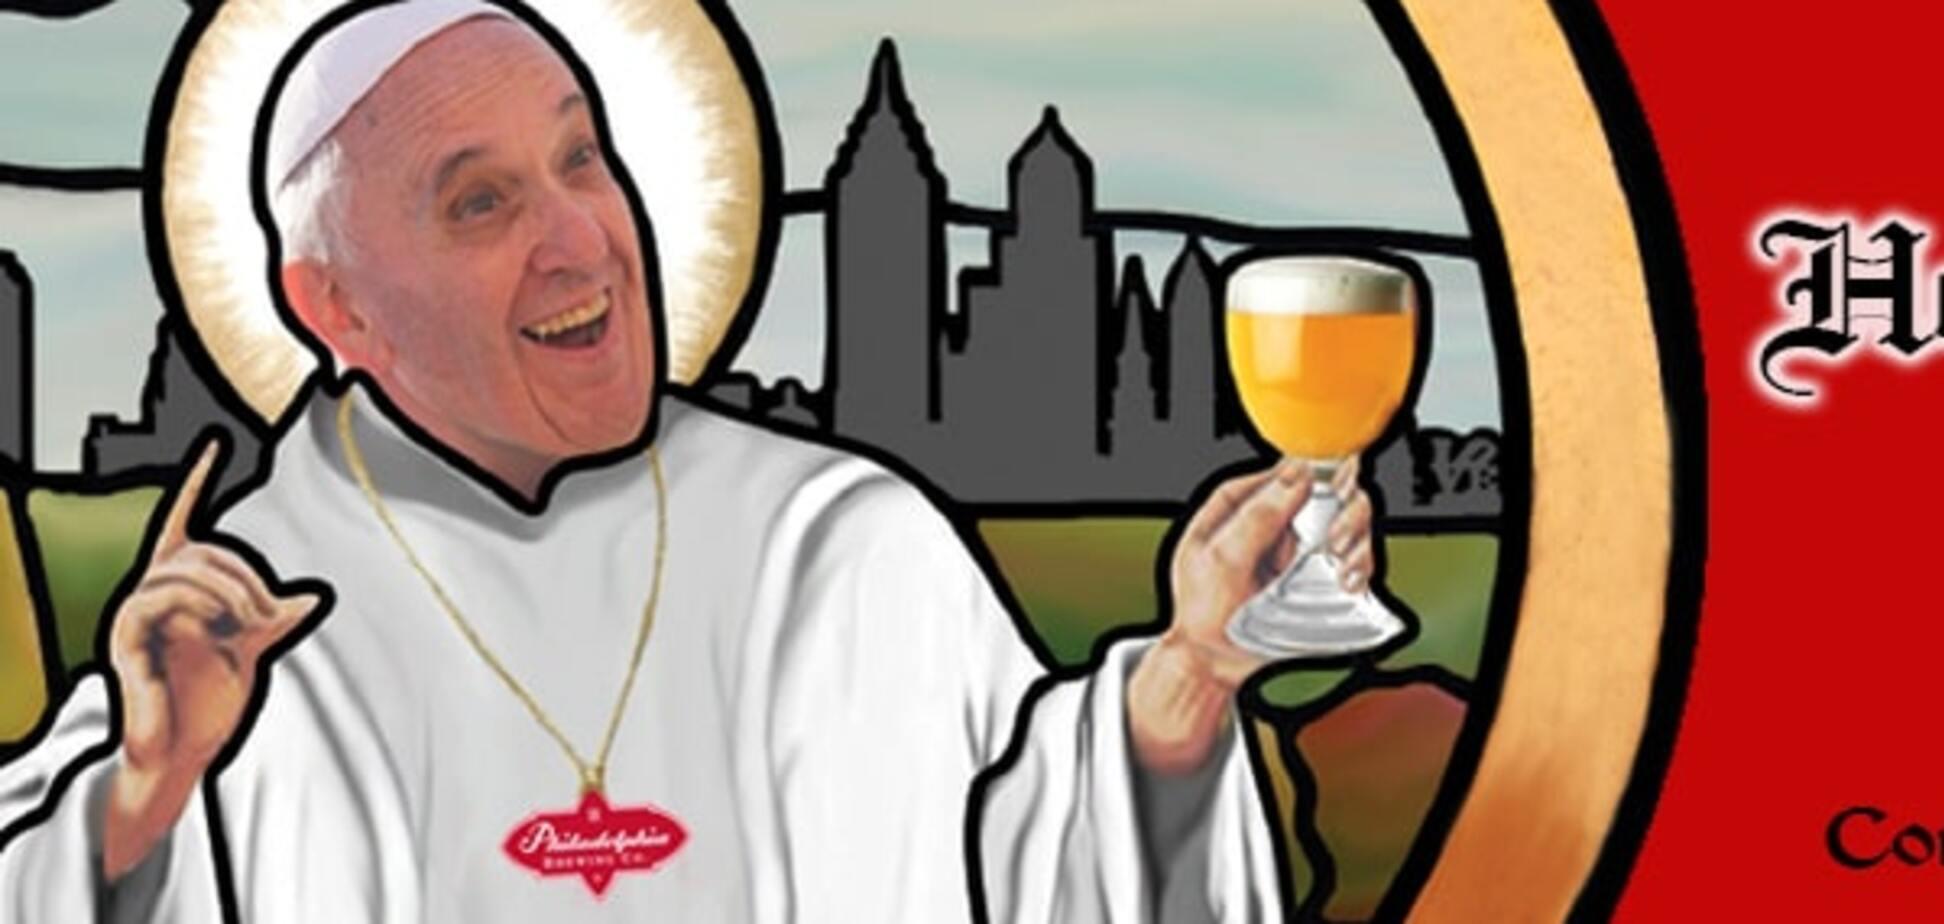 В США выпустили 'спасительное' пиво с Папой Римским на обложке